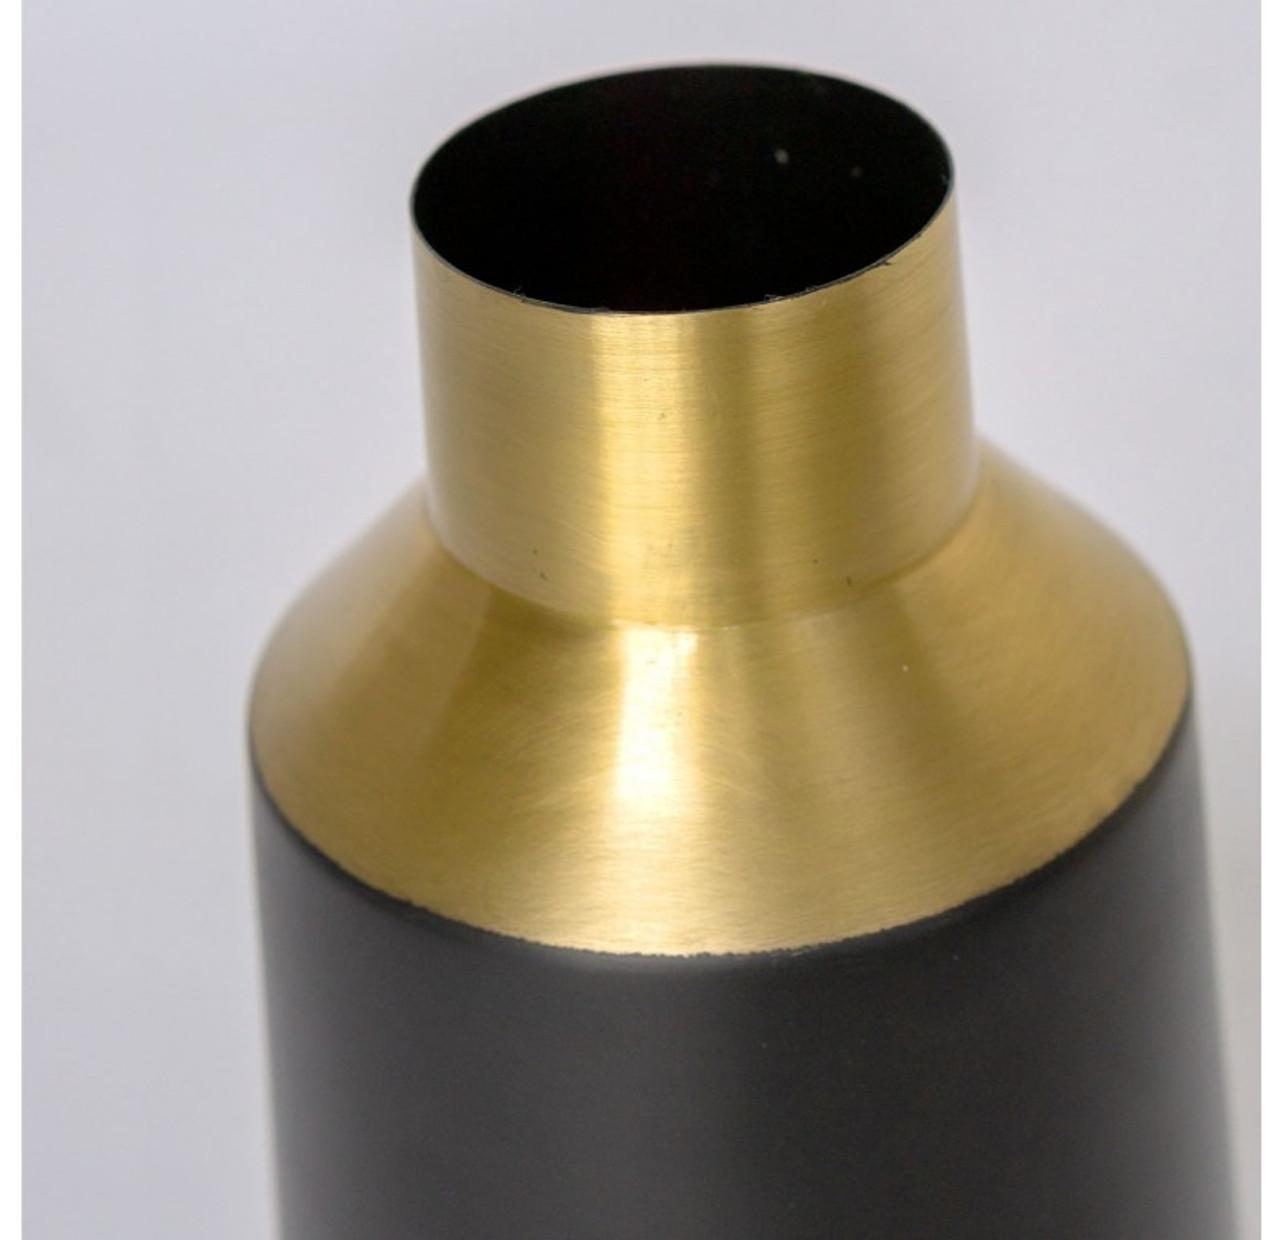 Noir Brass Jug